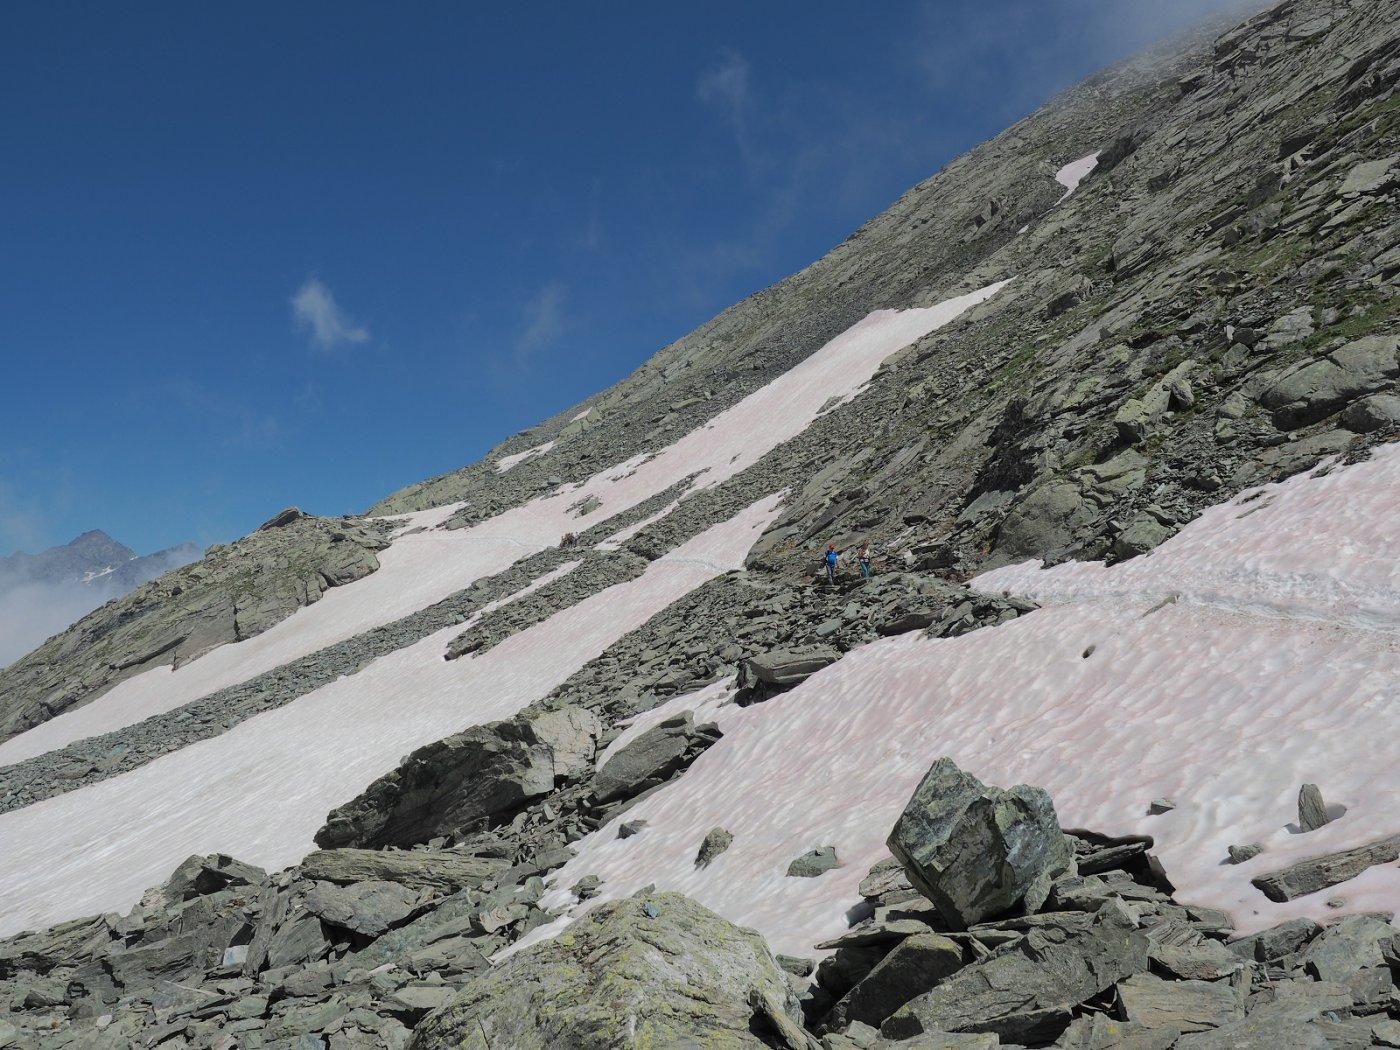 Serie di nevai poco prima di arrivare al Colle di Viso